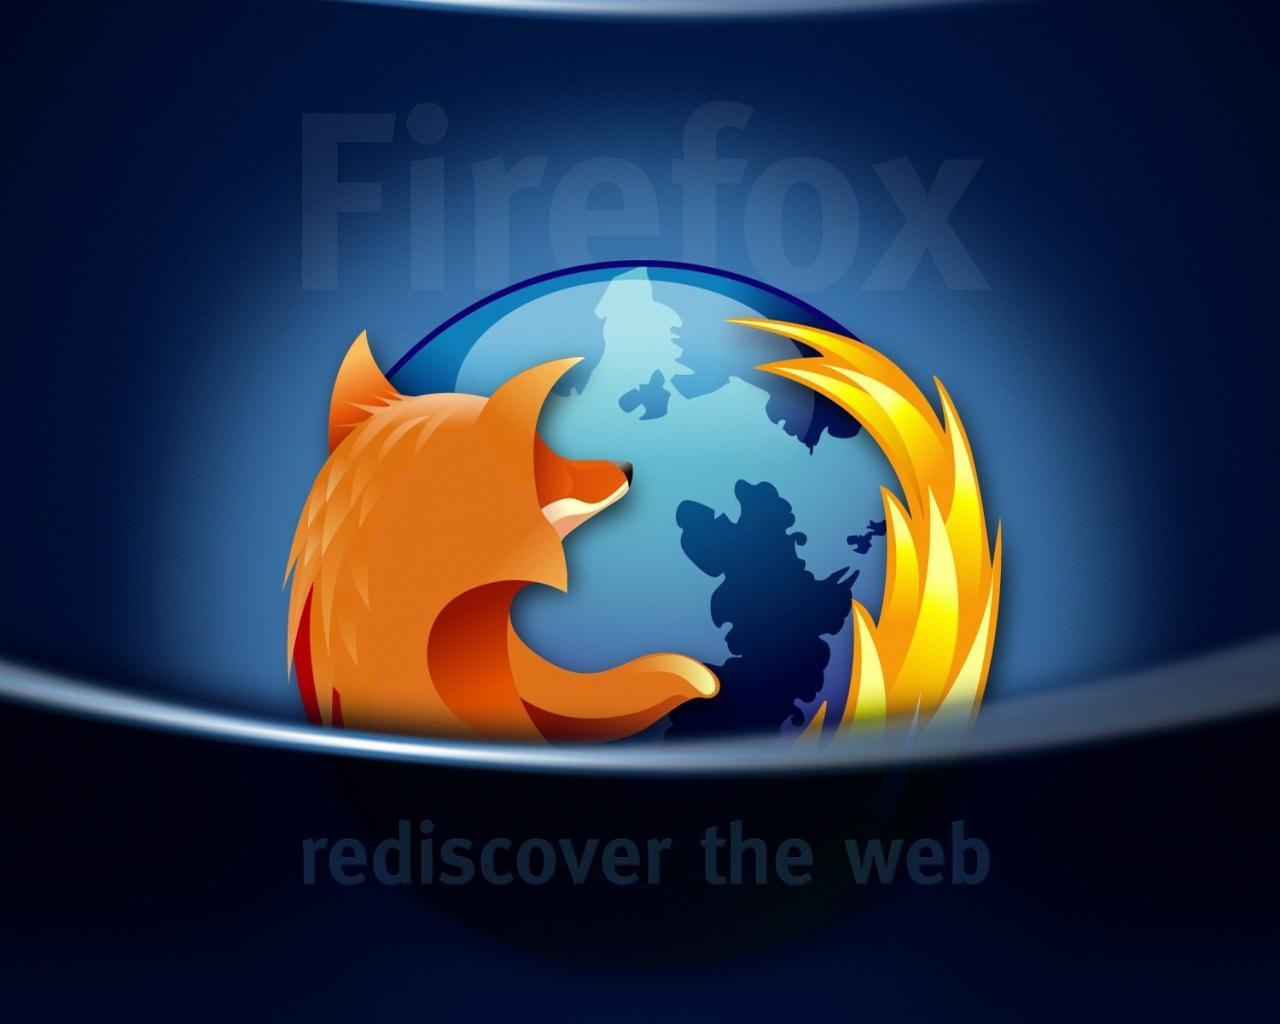 Обои на рабочий стол - Firefox (20-05-2009)